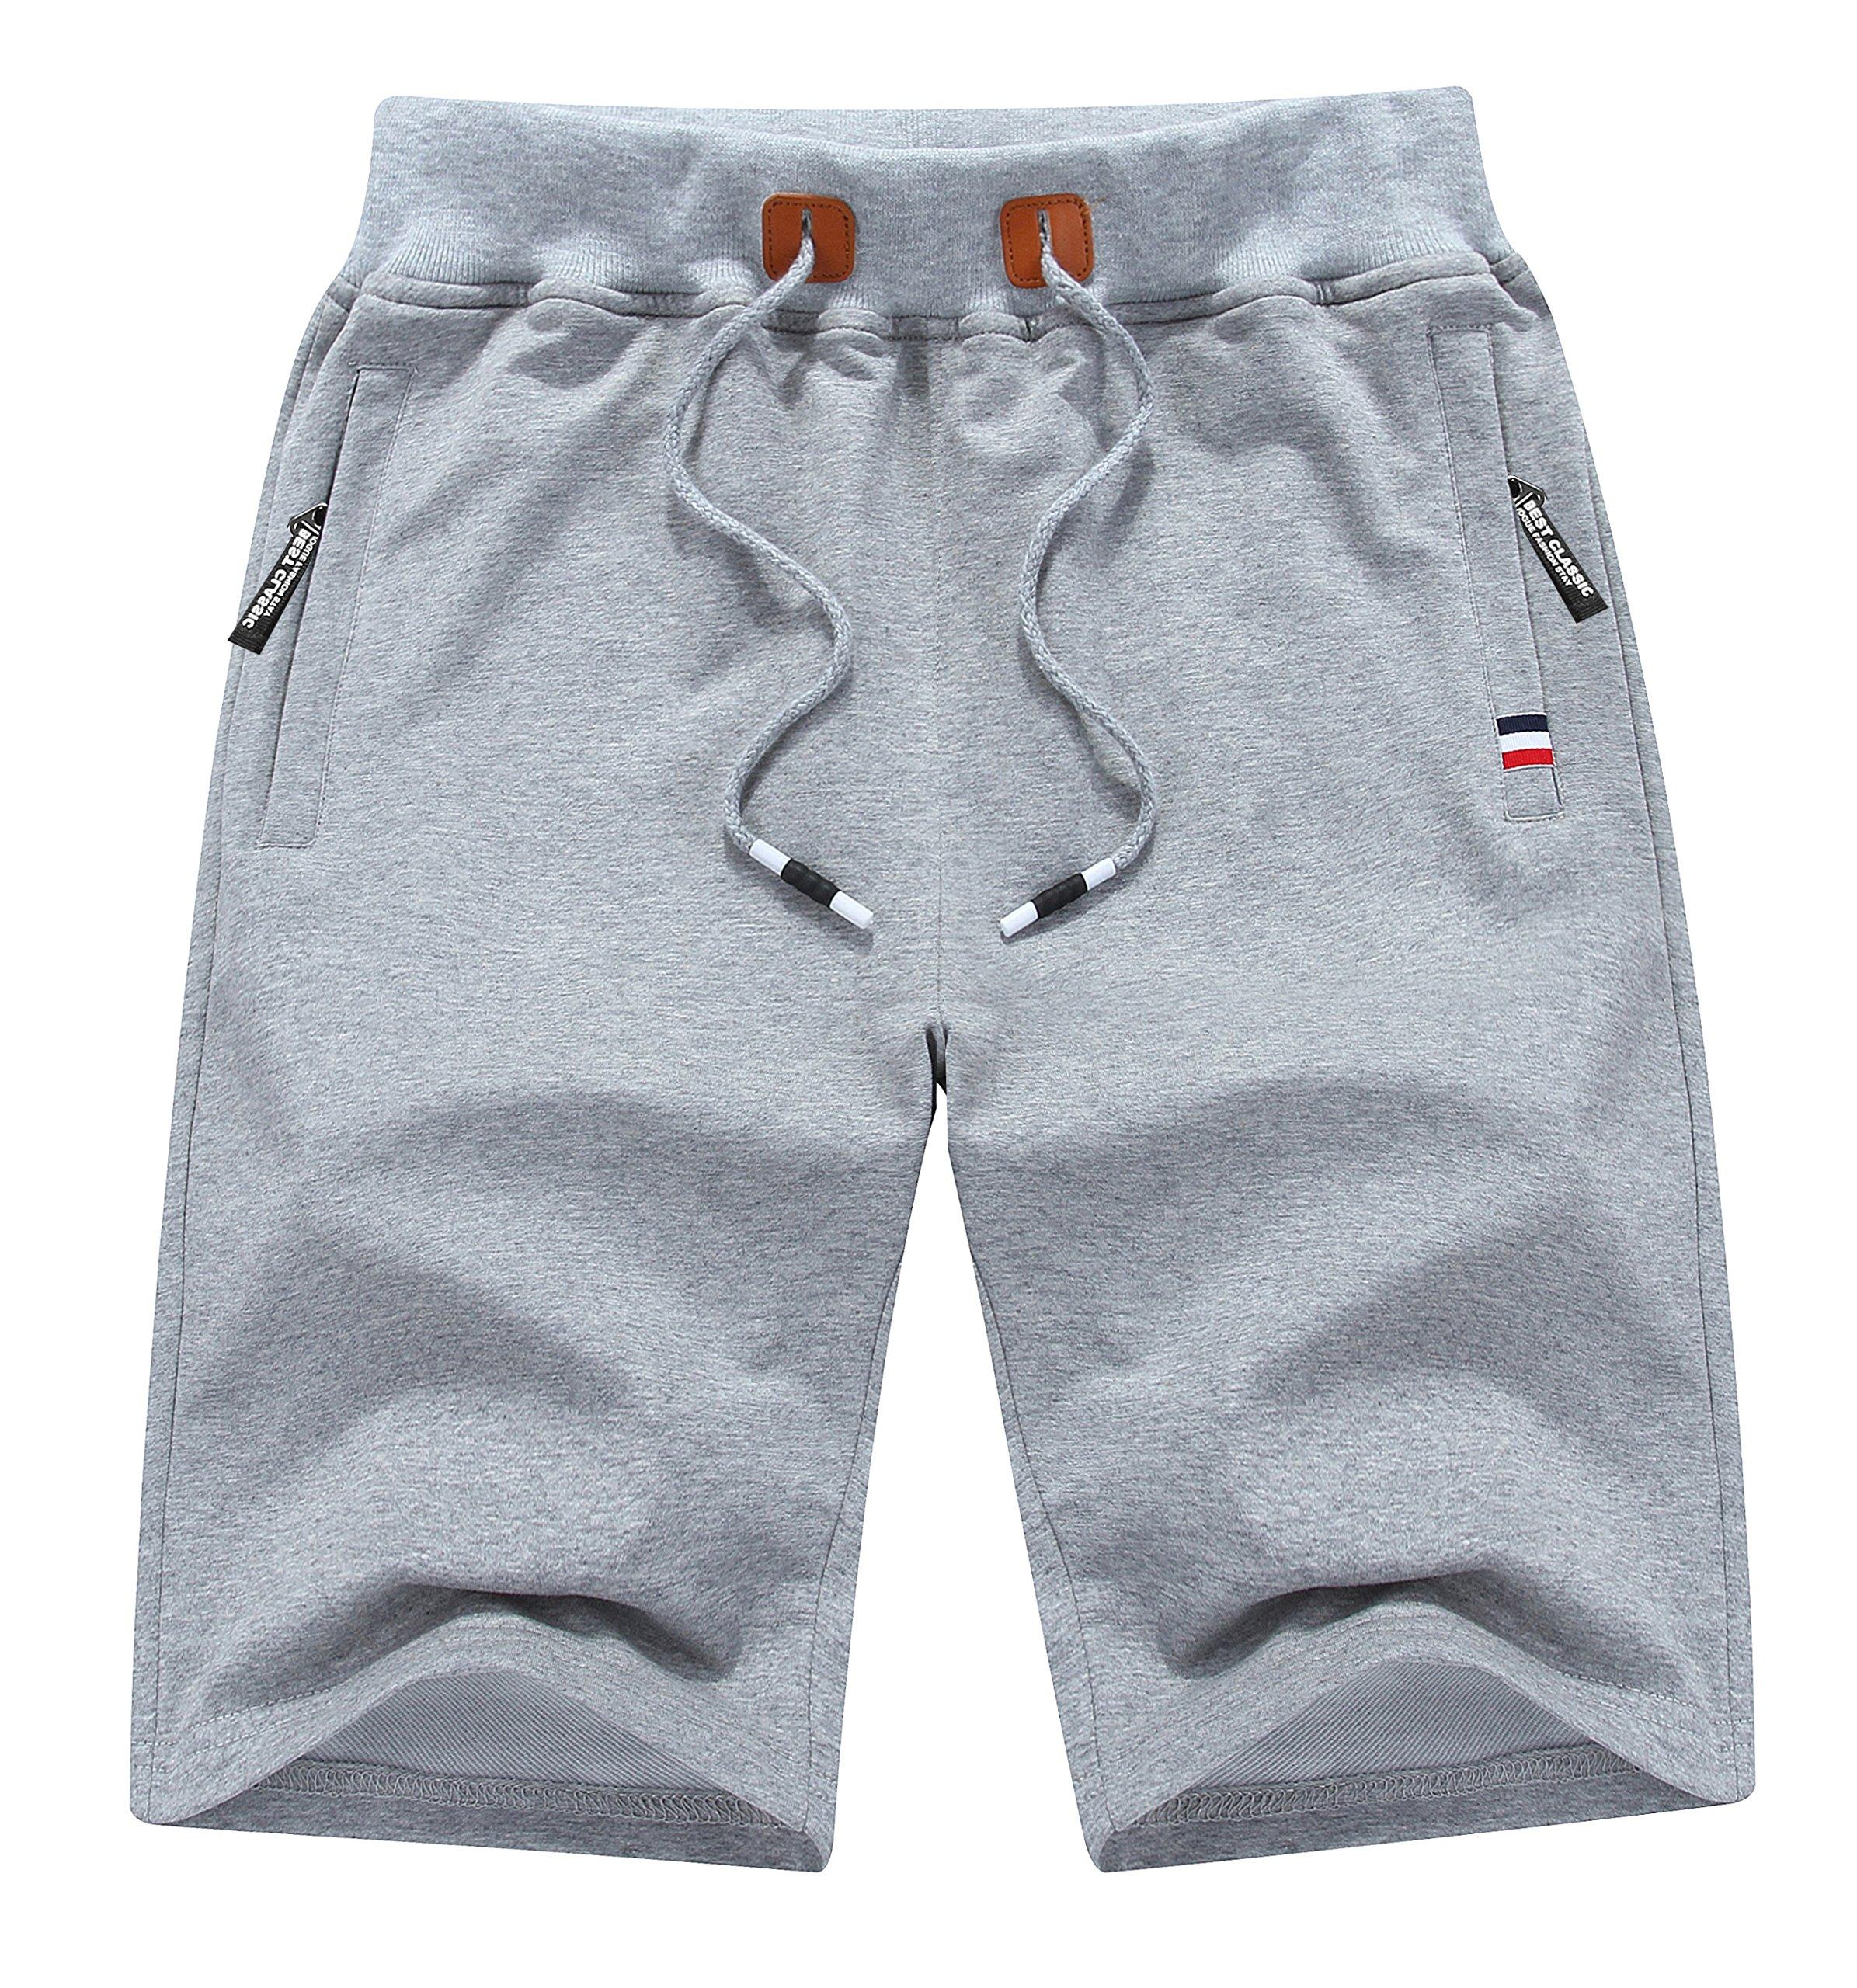 MO GOOD Mens Casual Shorts Workout Fashion Comfy Shorts Summer Breathable Loose Shorts (Grey, US (38-39))